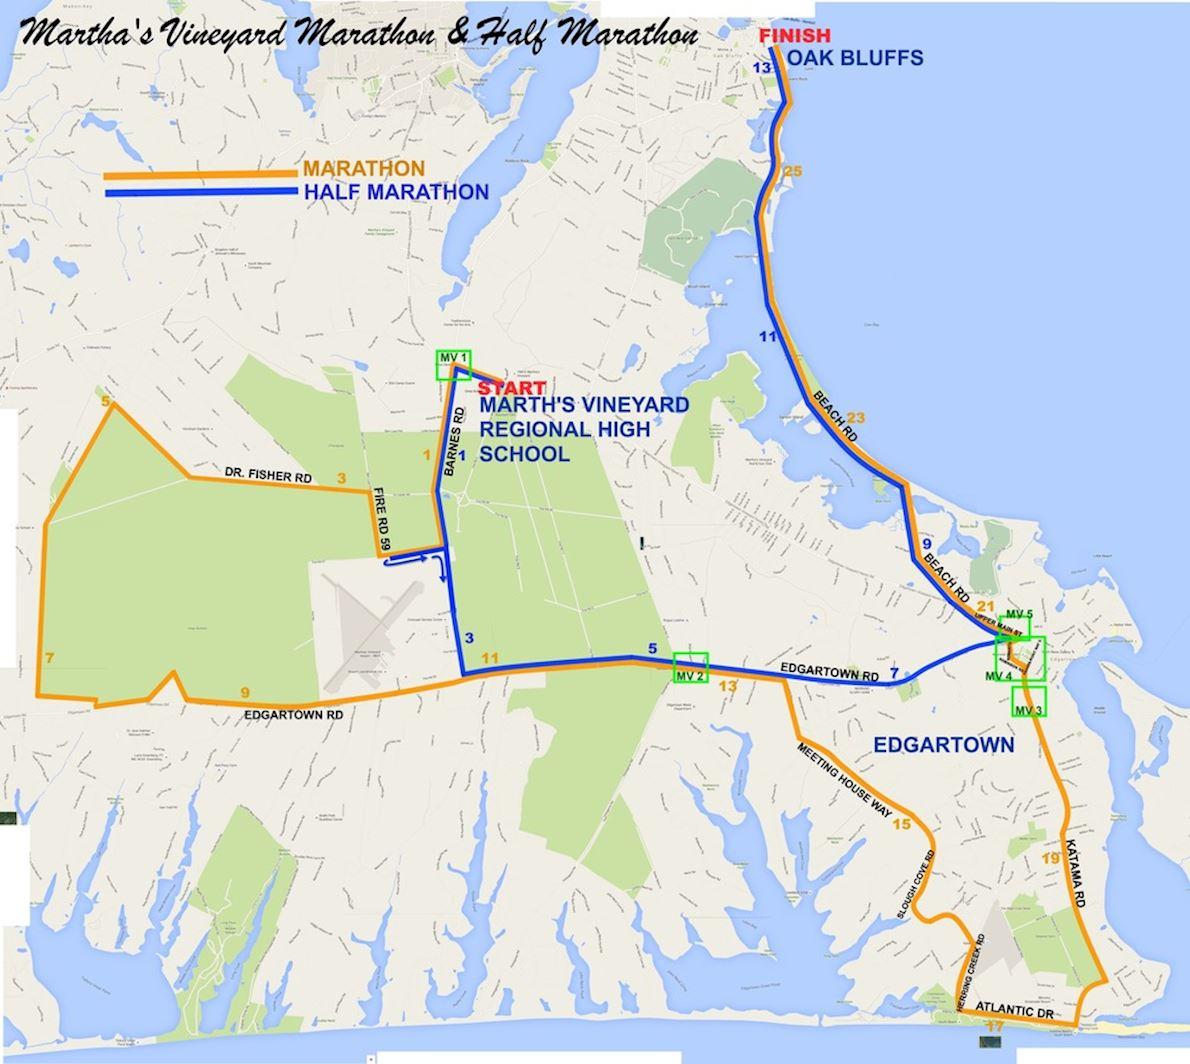 Martha's Vineyard Marathon & Half Marathon Route Map